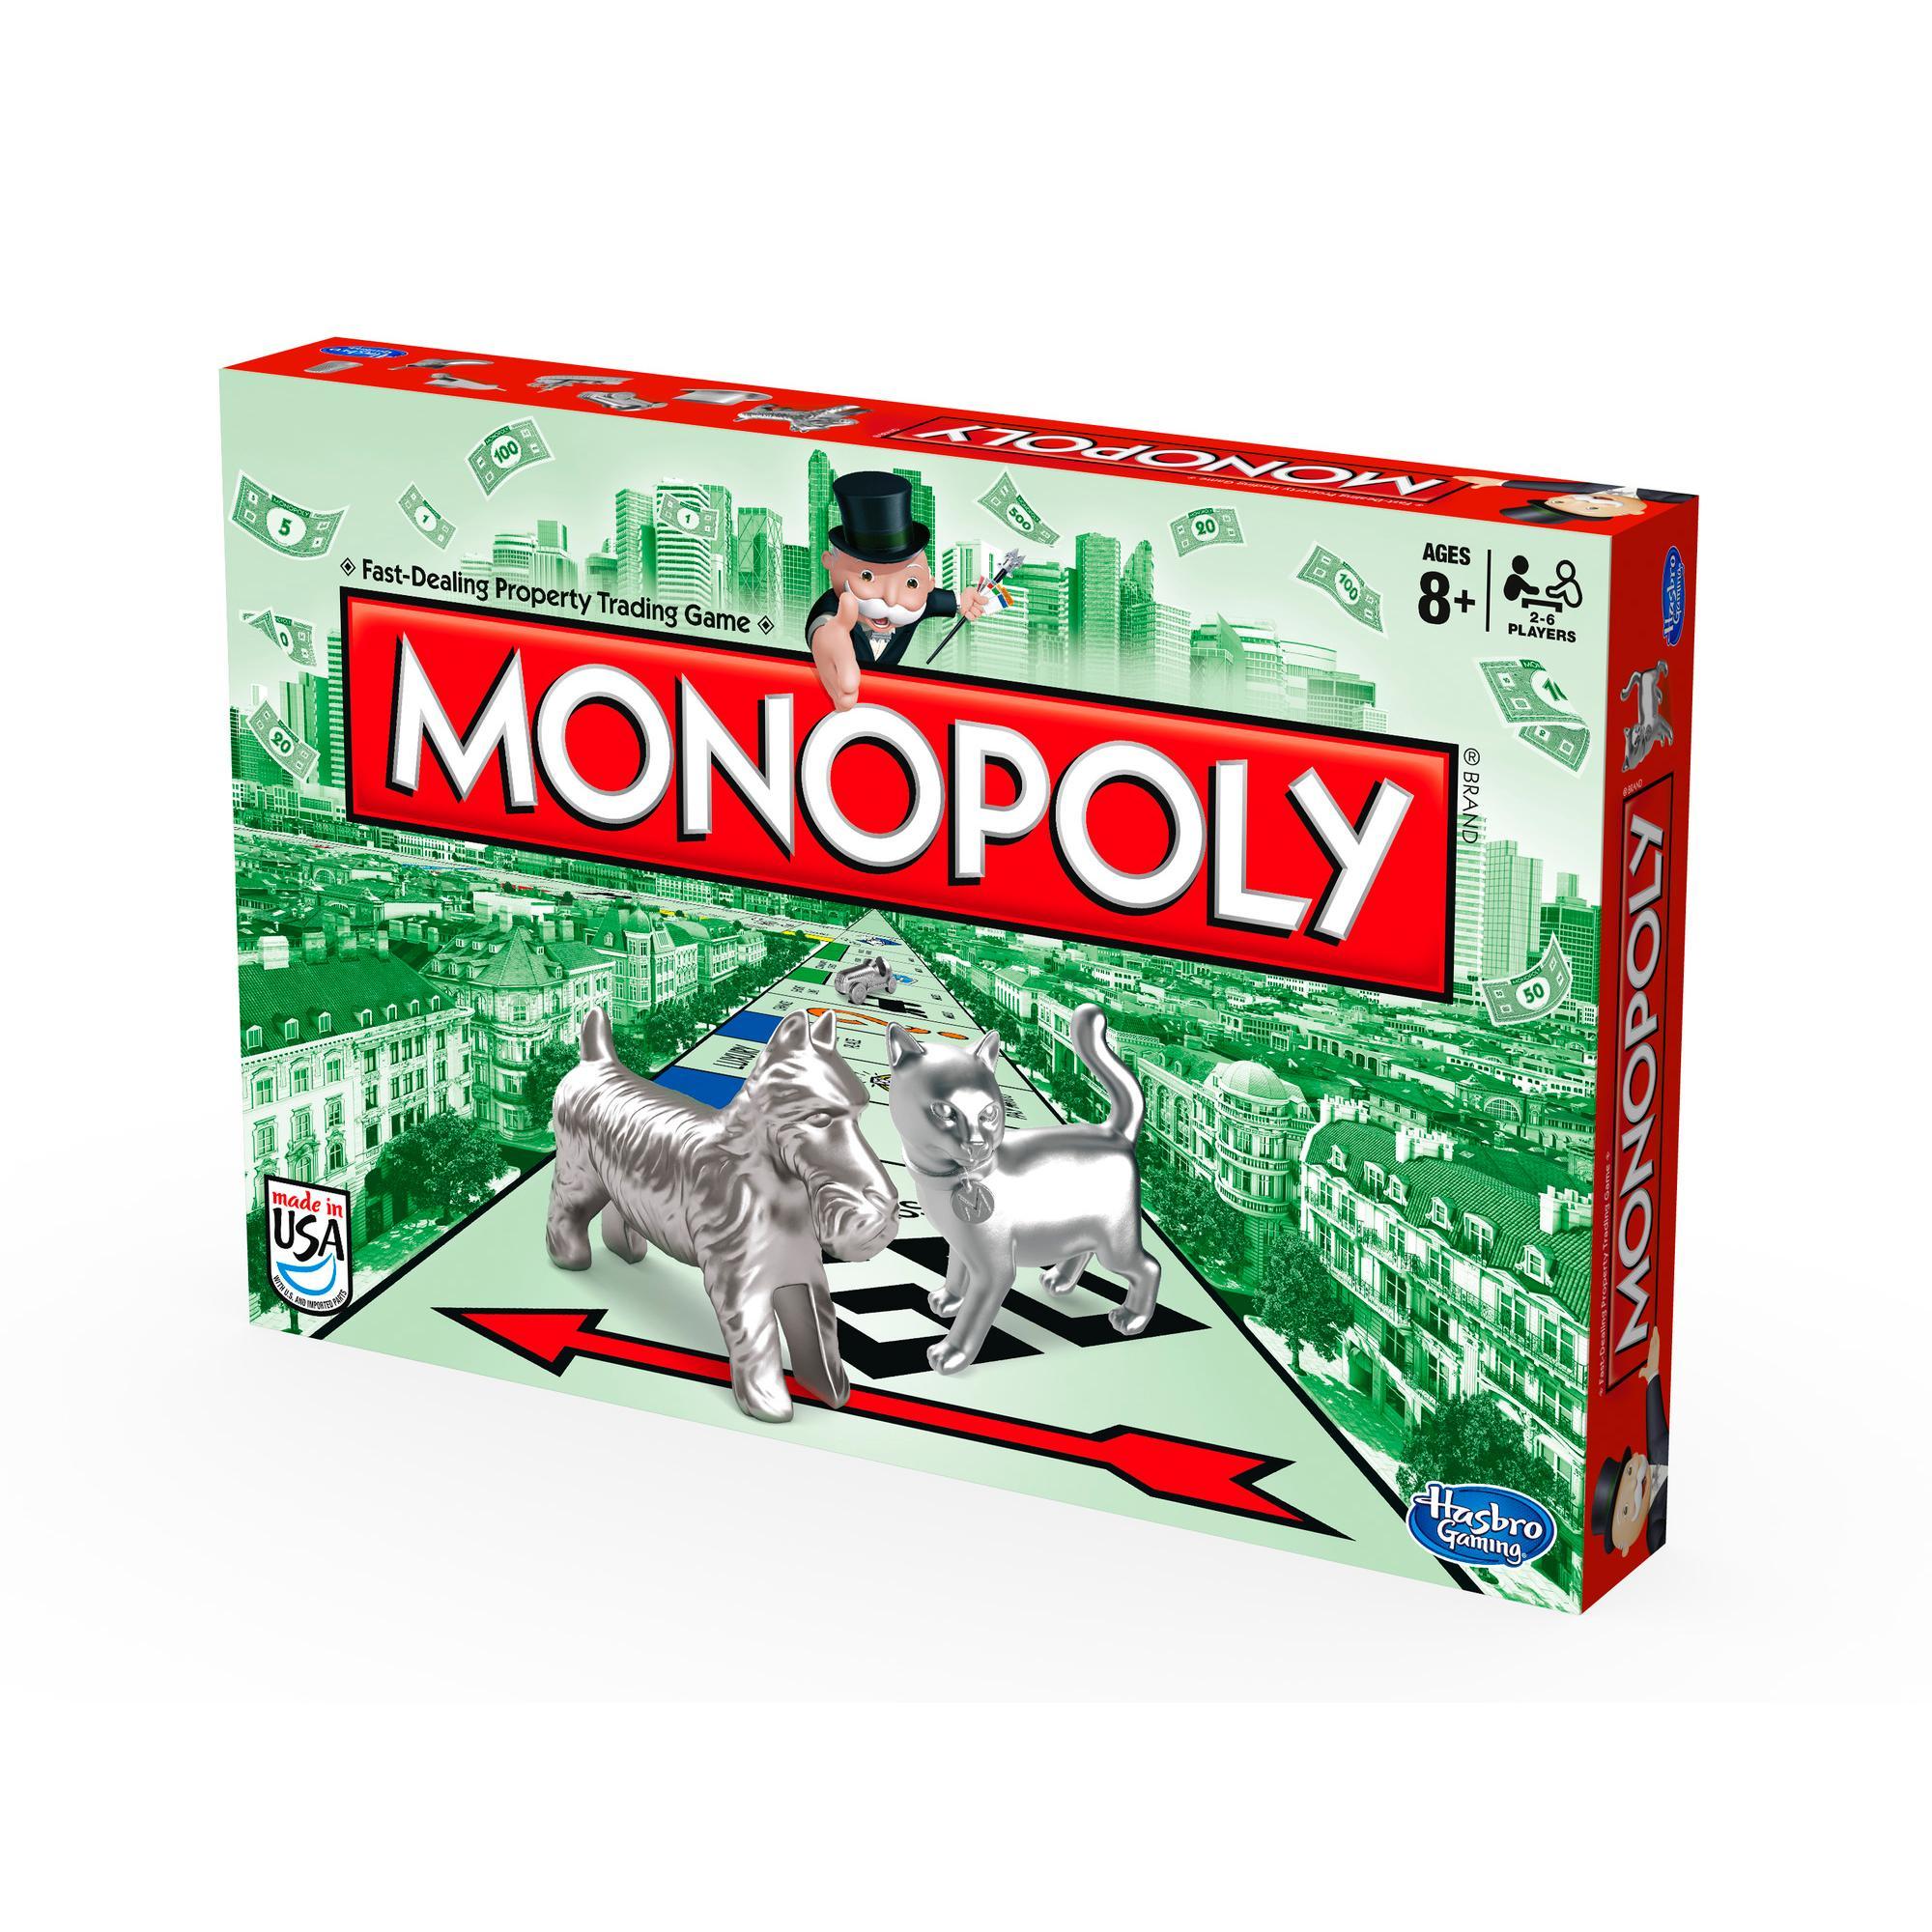 دانلود بازی خاطره انگیز مونوپولی Monopoly